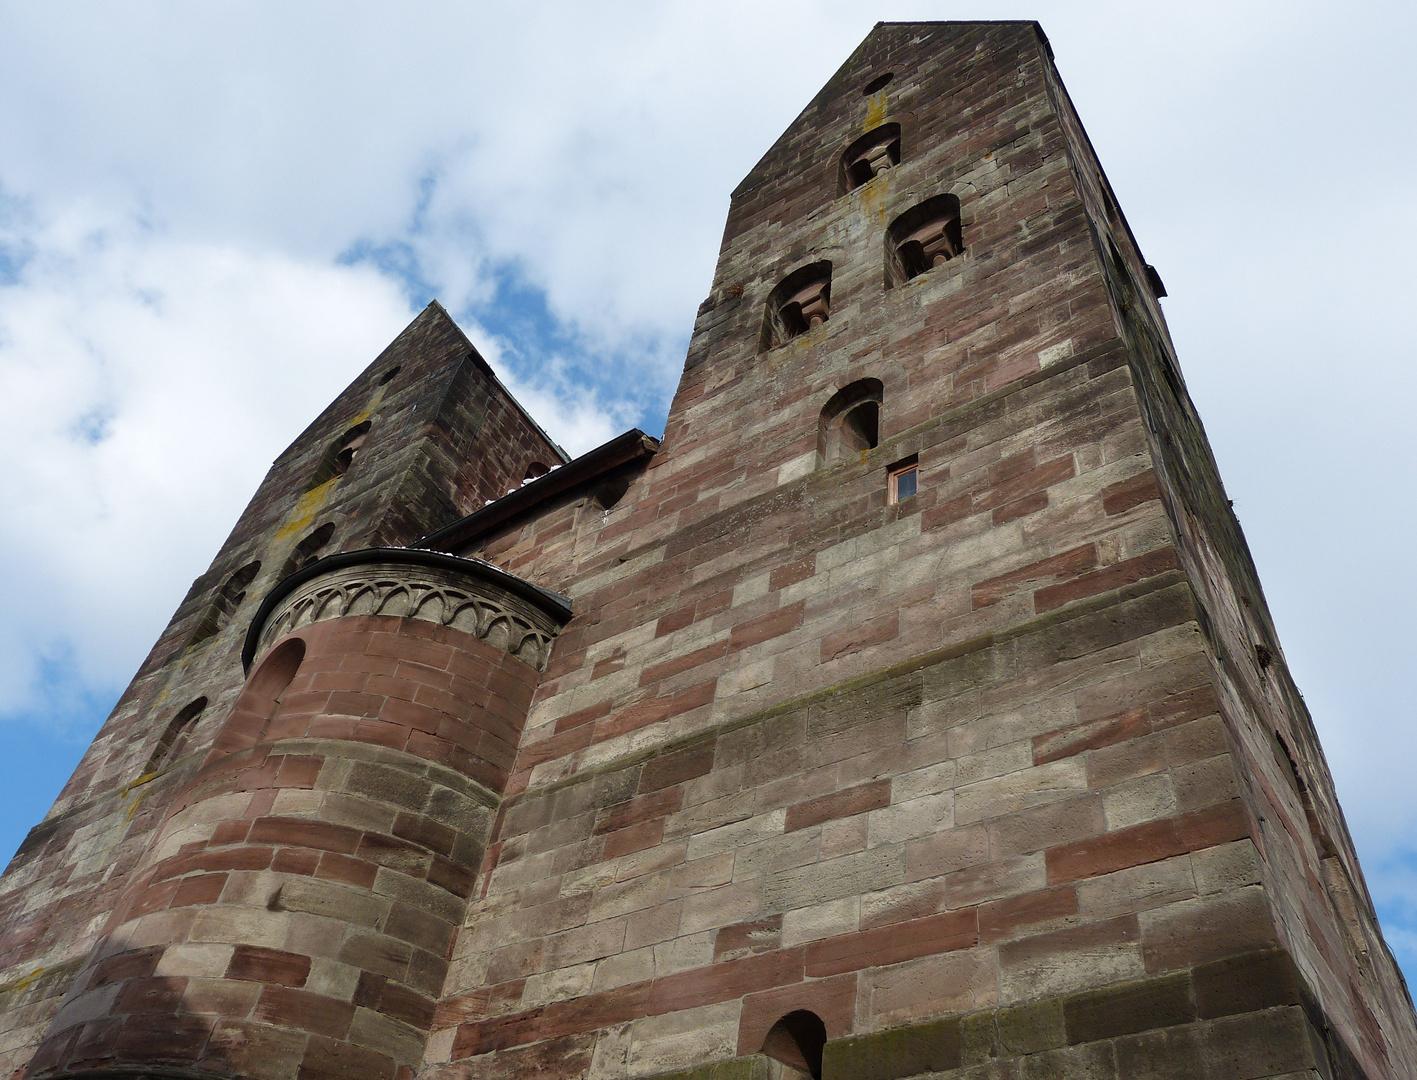 Kirchtürme einer alten Klosterkirche in Fredelsloh/Solling